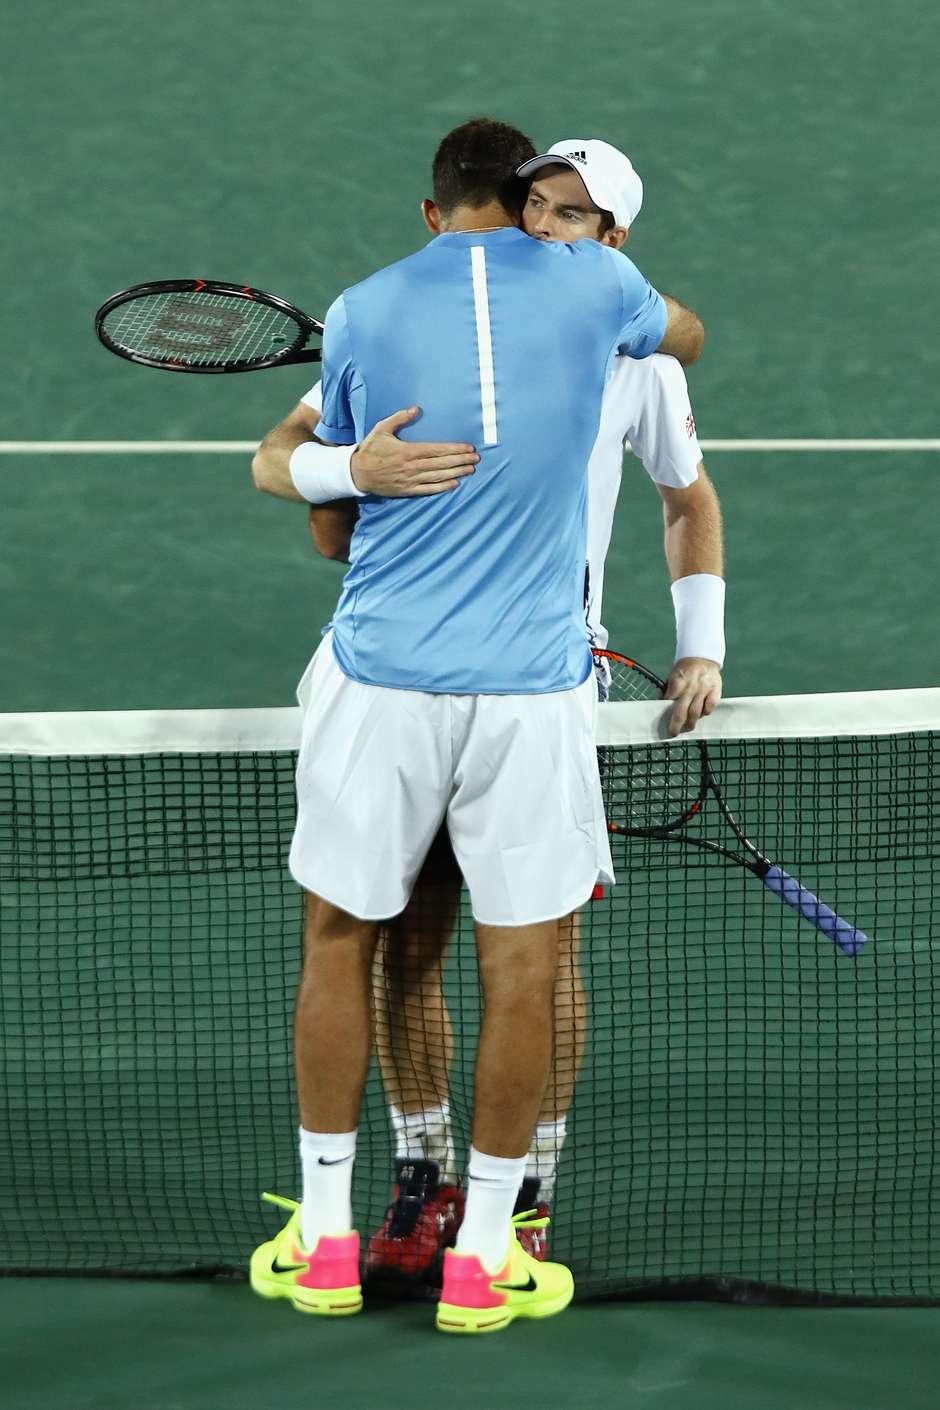 Murray e Del Potro - (Foto: Getty Images)